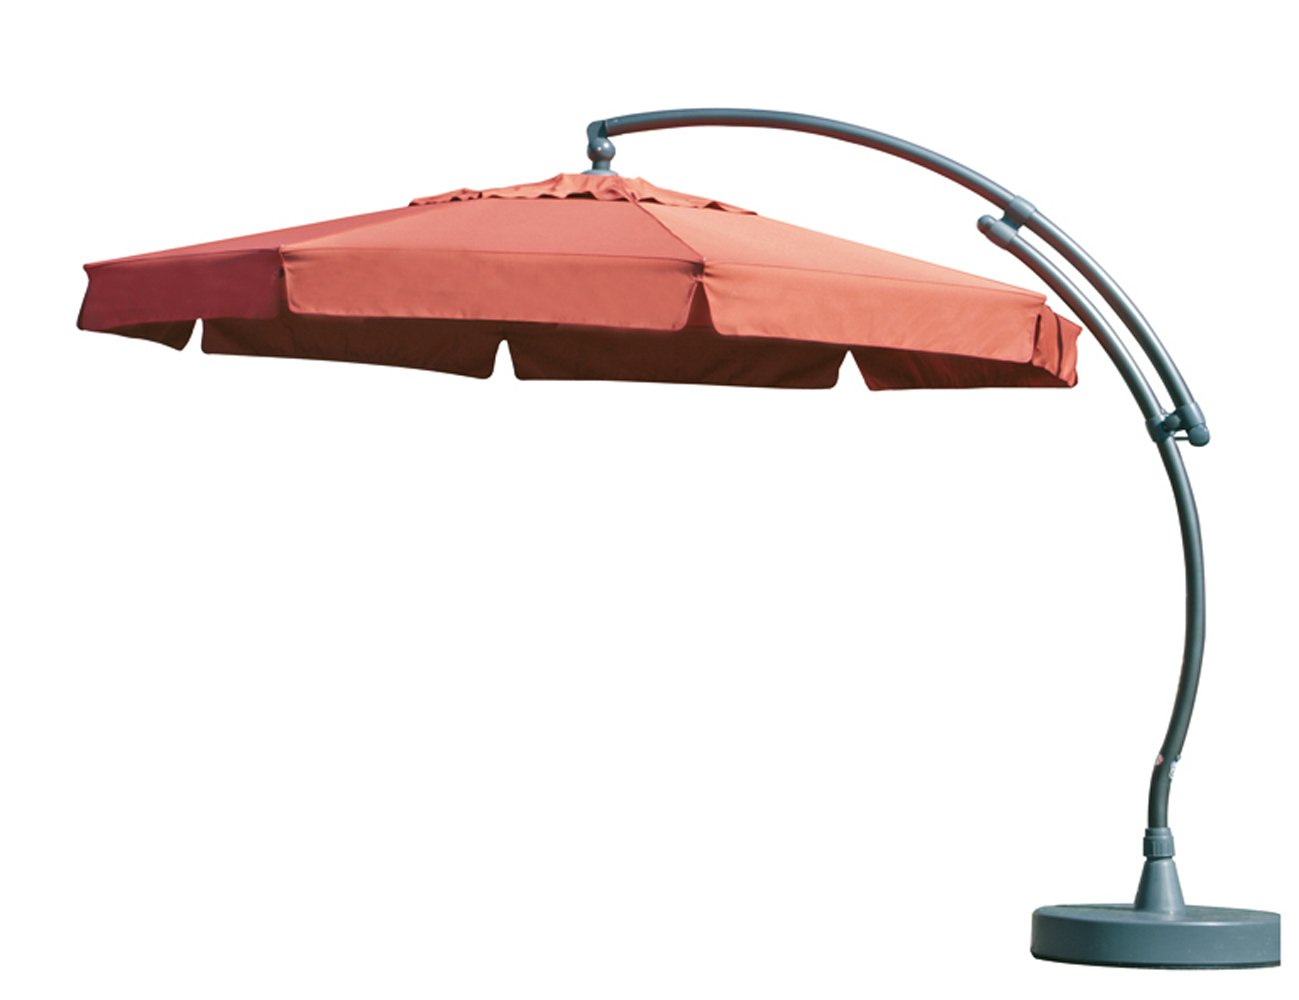 Sun Garden 10116068 Premium Easy-Sun 3.5 m inklusive Hülle und Lampe Gestell, anthrazit / terracotta